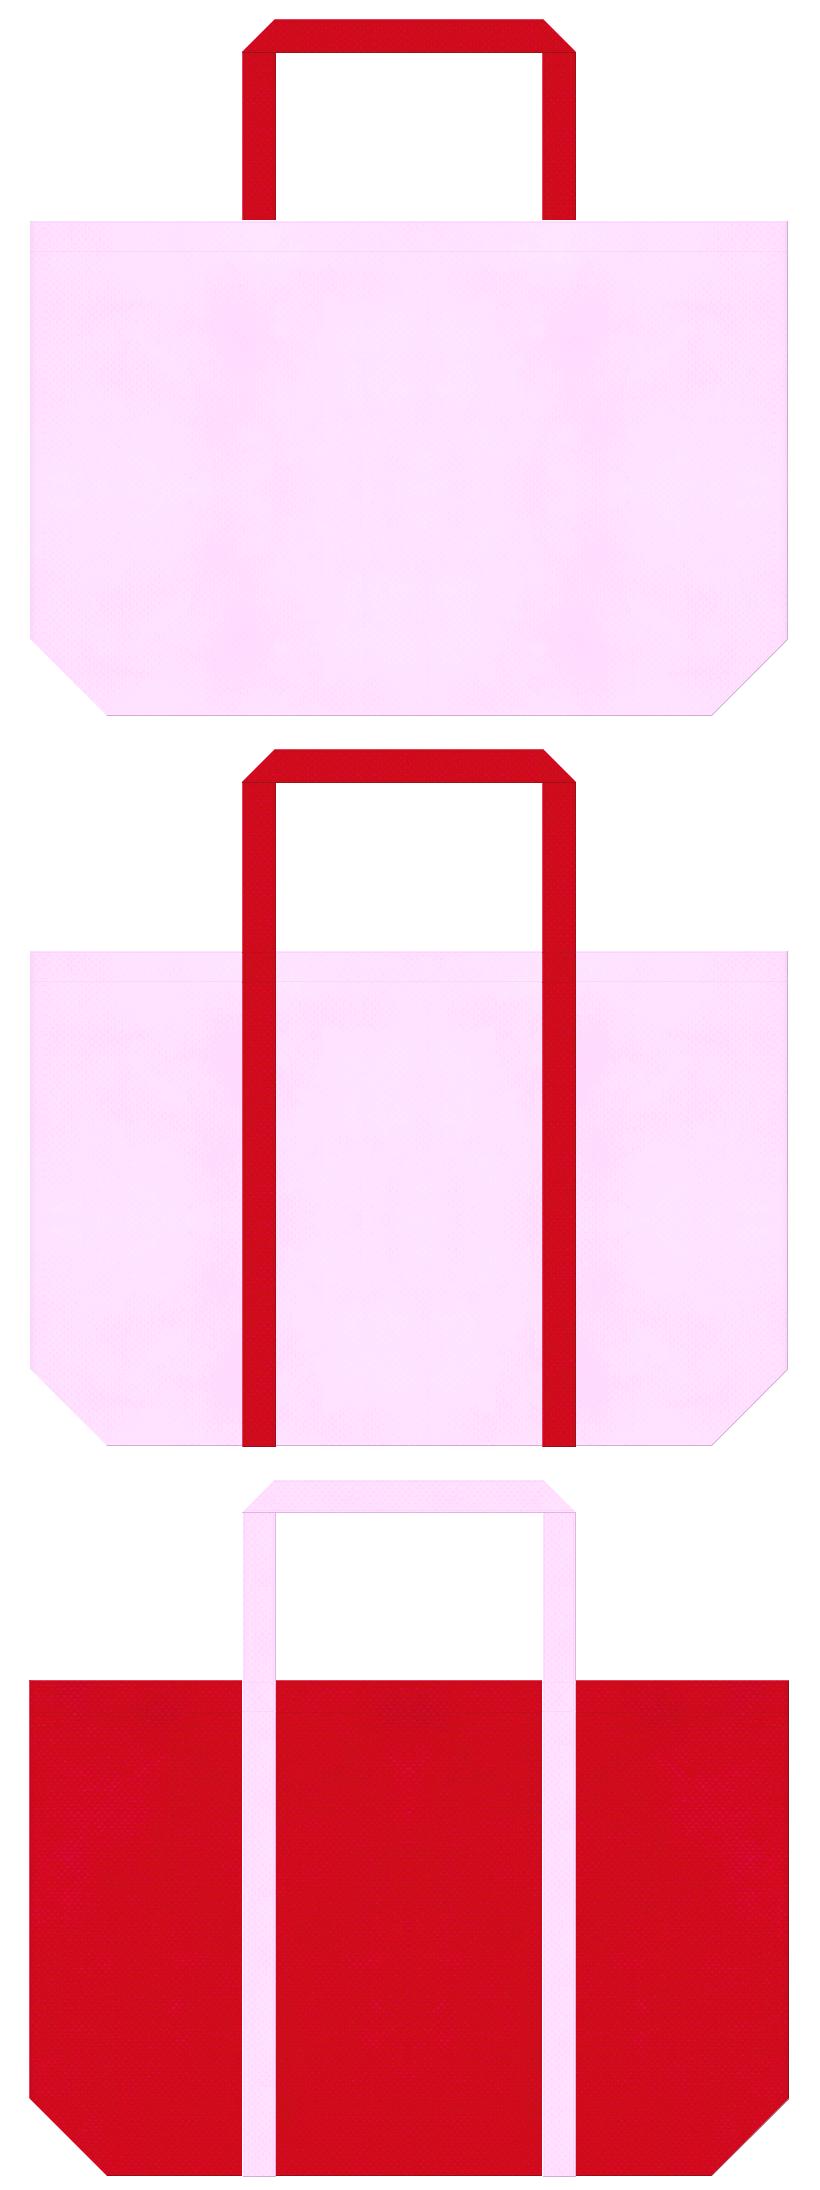 いちご大福・バレンタイン・ひな祭り・カーネーション・母の日・お正月・和風催事にお奨めの不織布バッグデザイン:明るいピンク色と紅色のコーデ